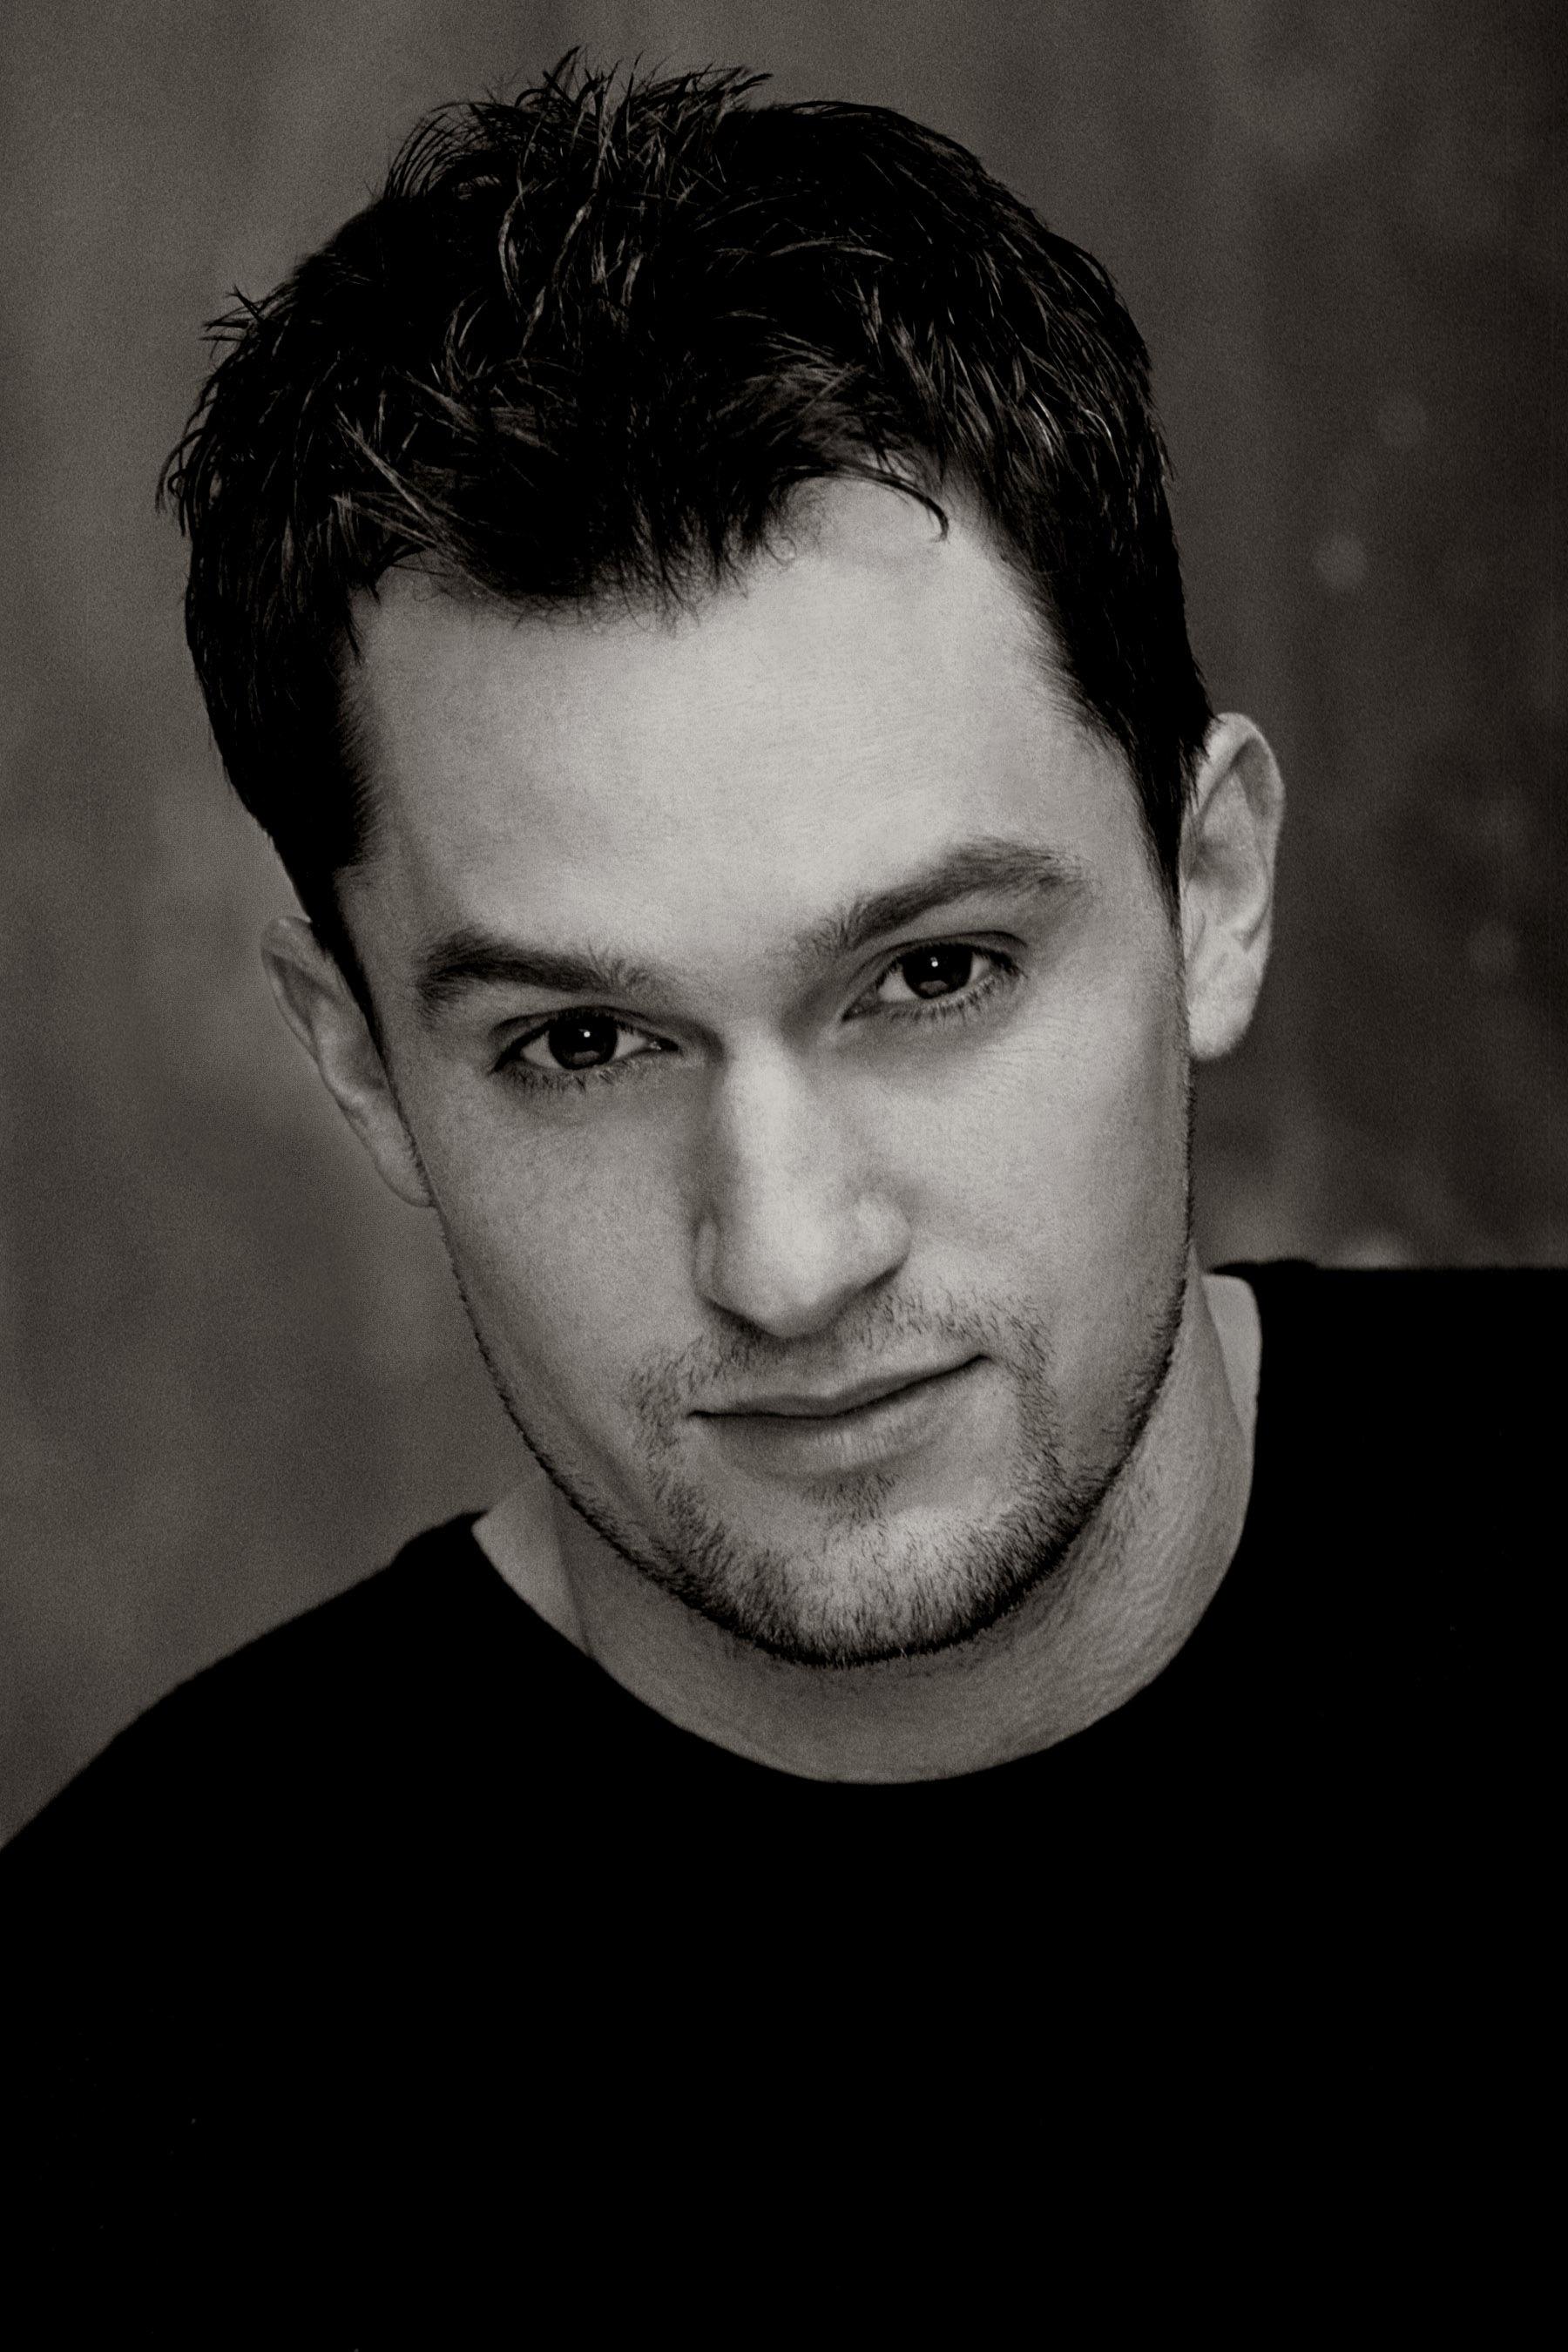 Jason Derlatka